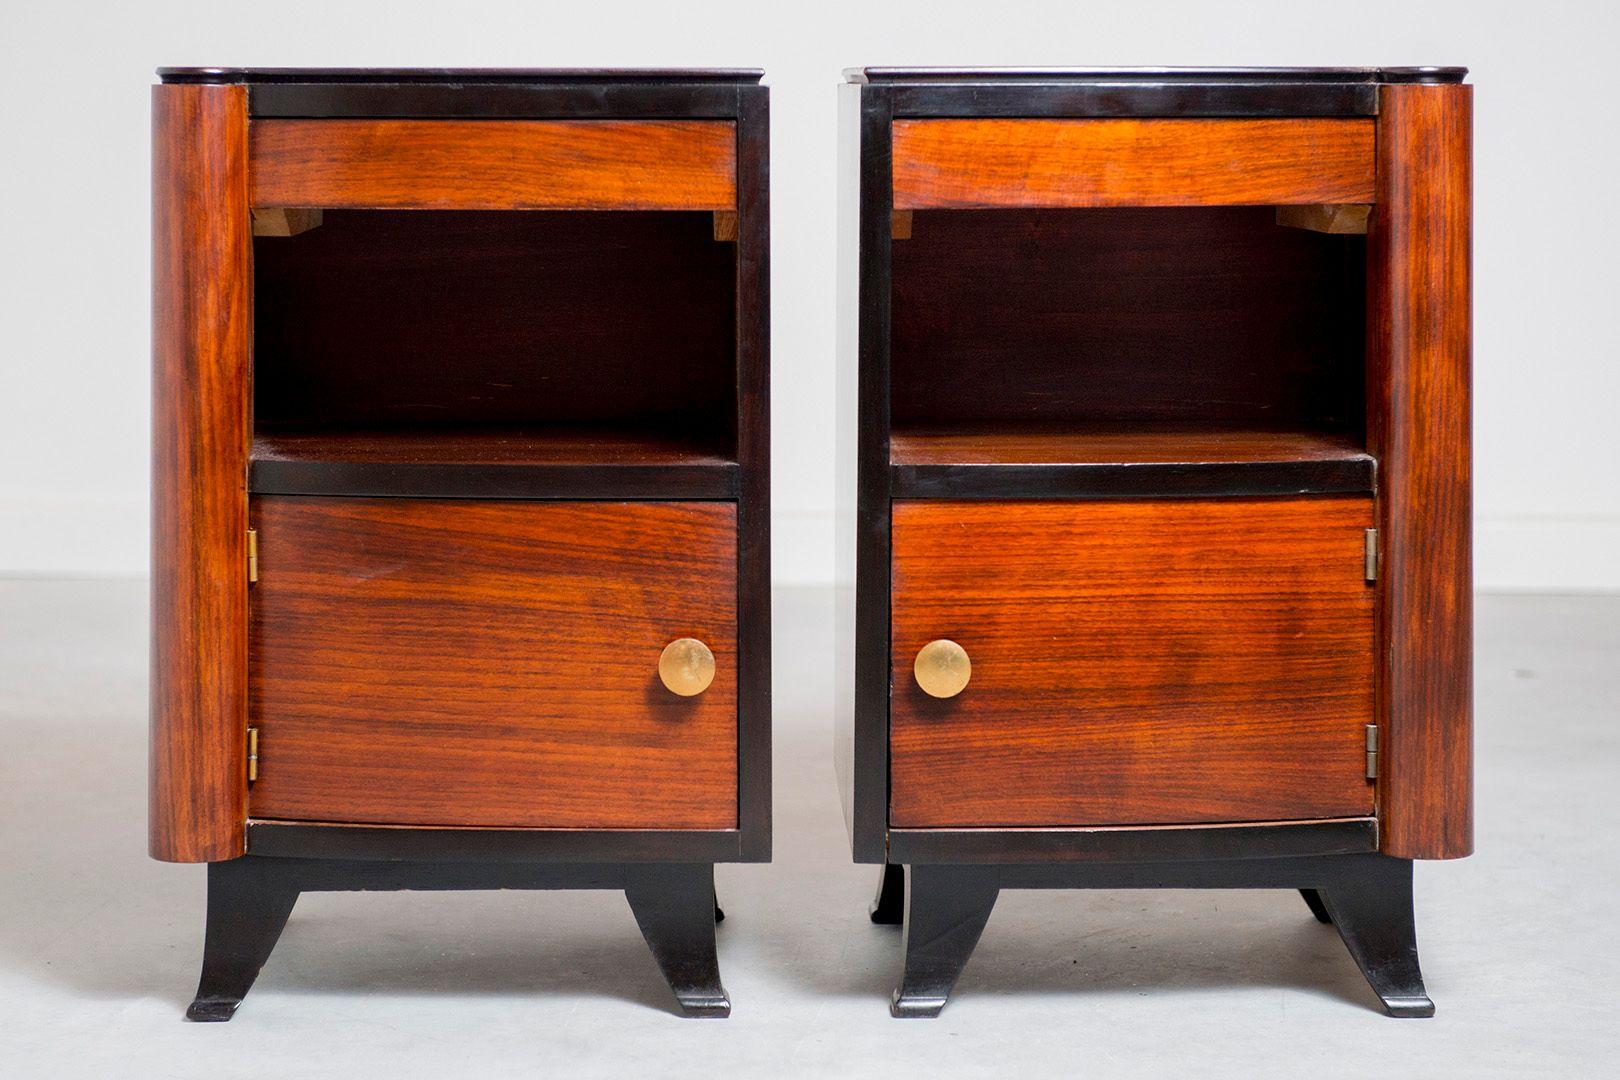 tables de chevet art deco 1920s set de 2 en vente sur pamono. Black Bedroom Furniture Sets. Home Design Ideas